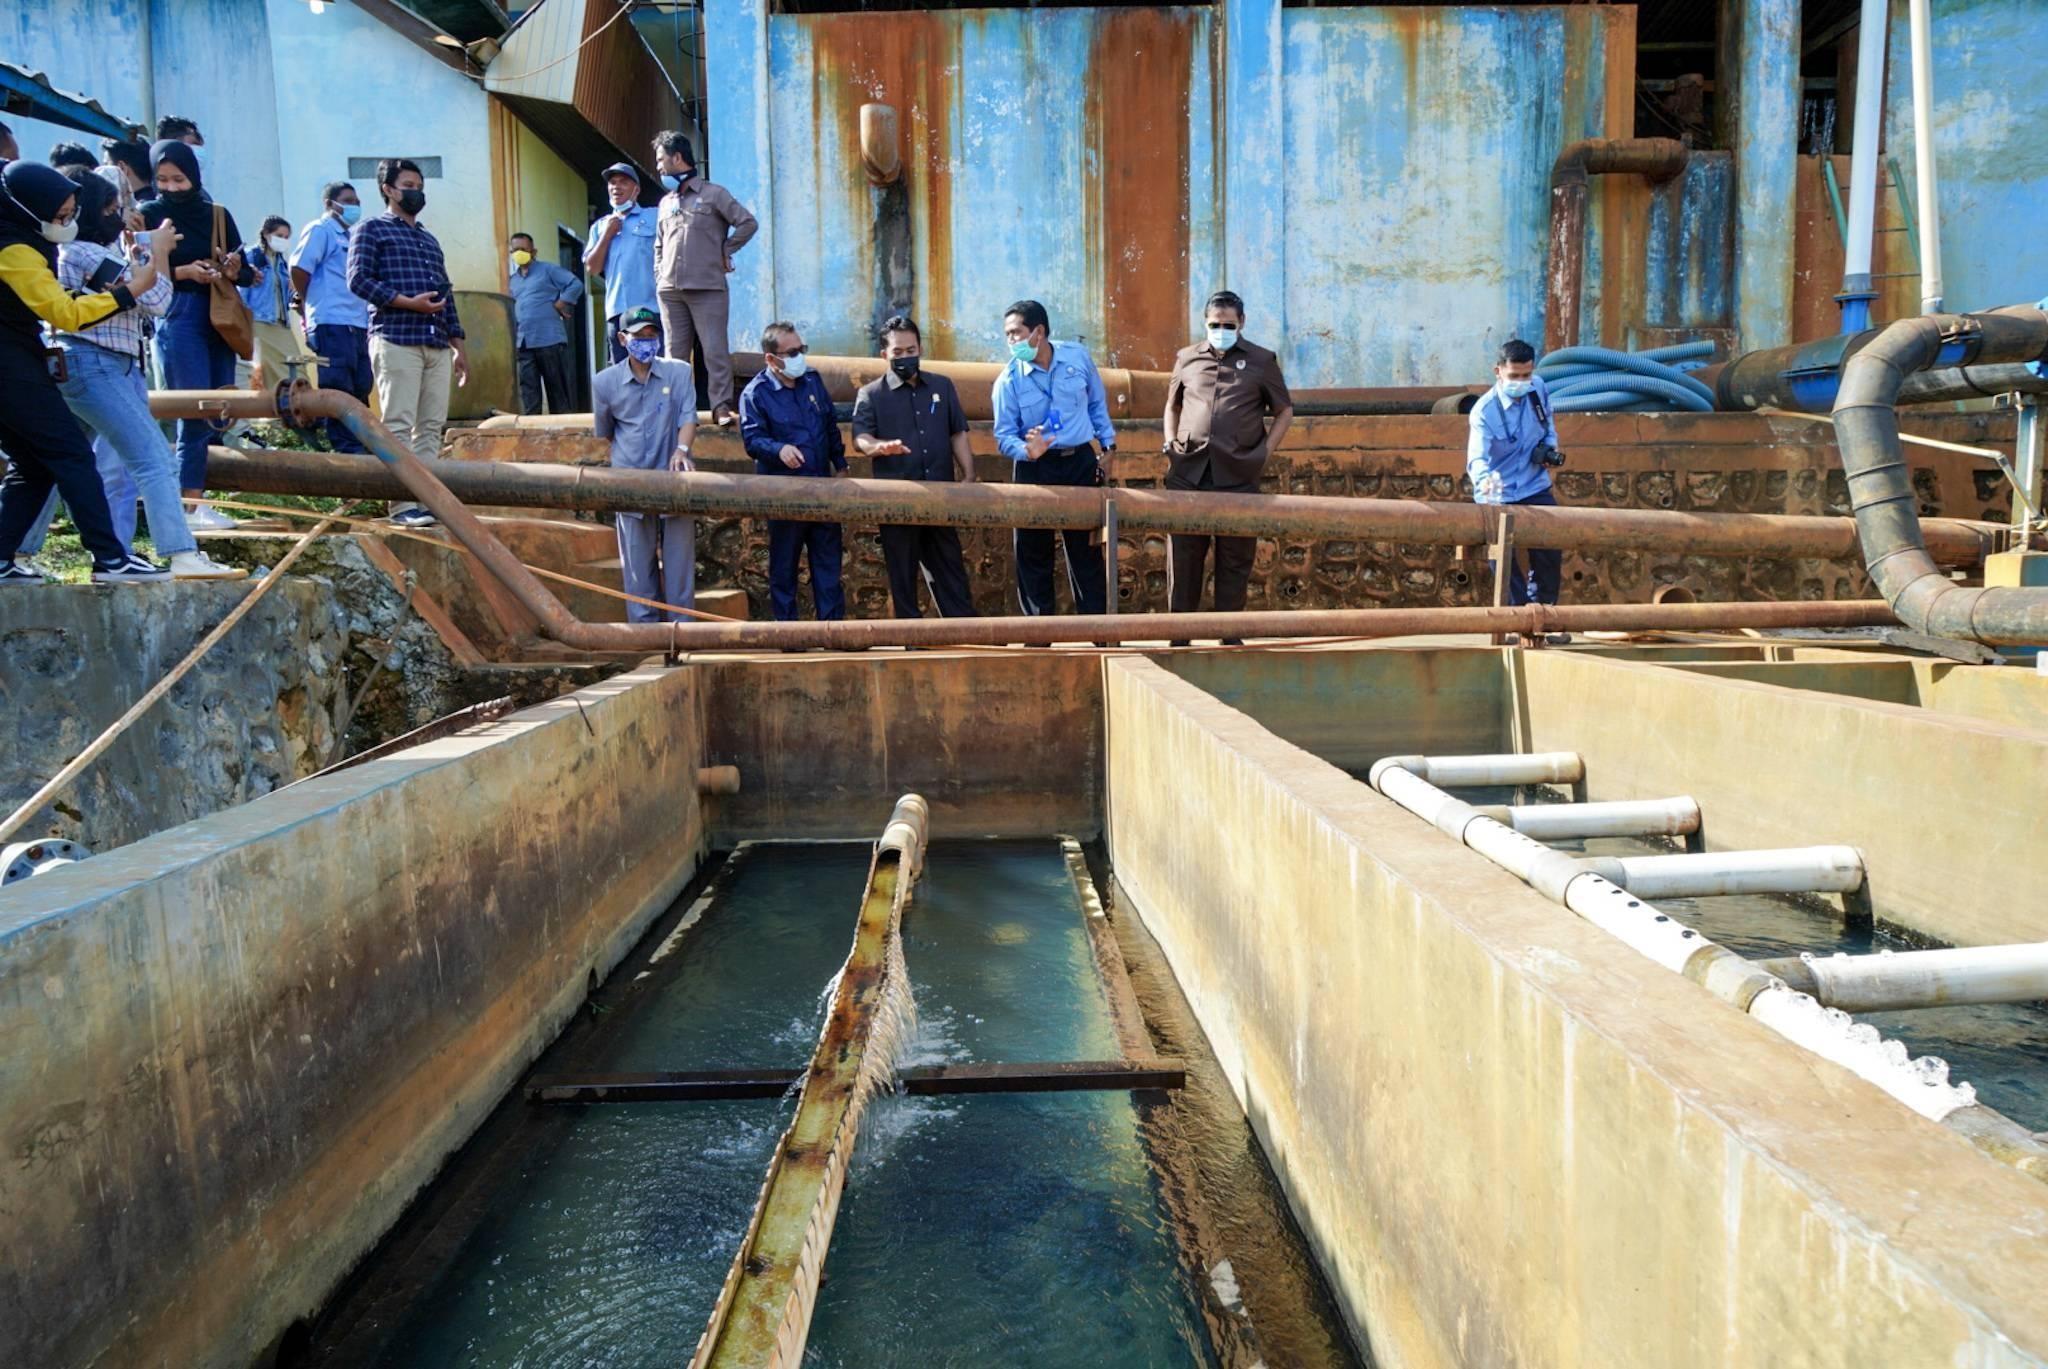 Dewan Desak Pemkot Selesaikan Kebutuhan Air Bersih Masyarakat Kota Taman